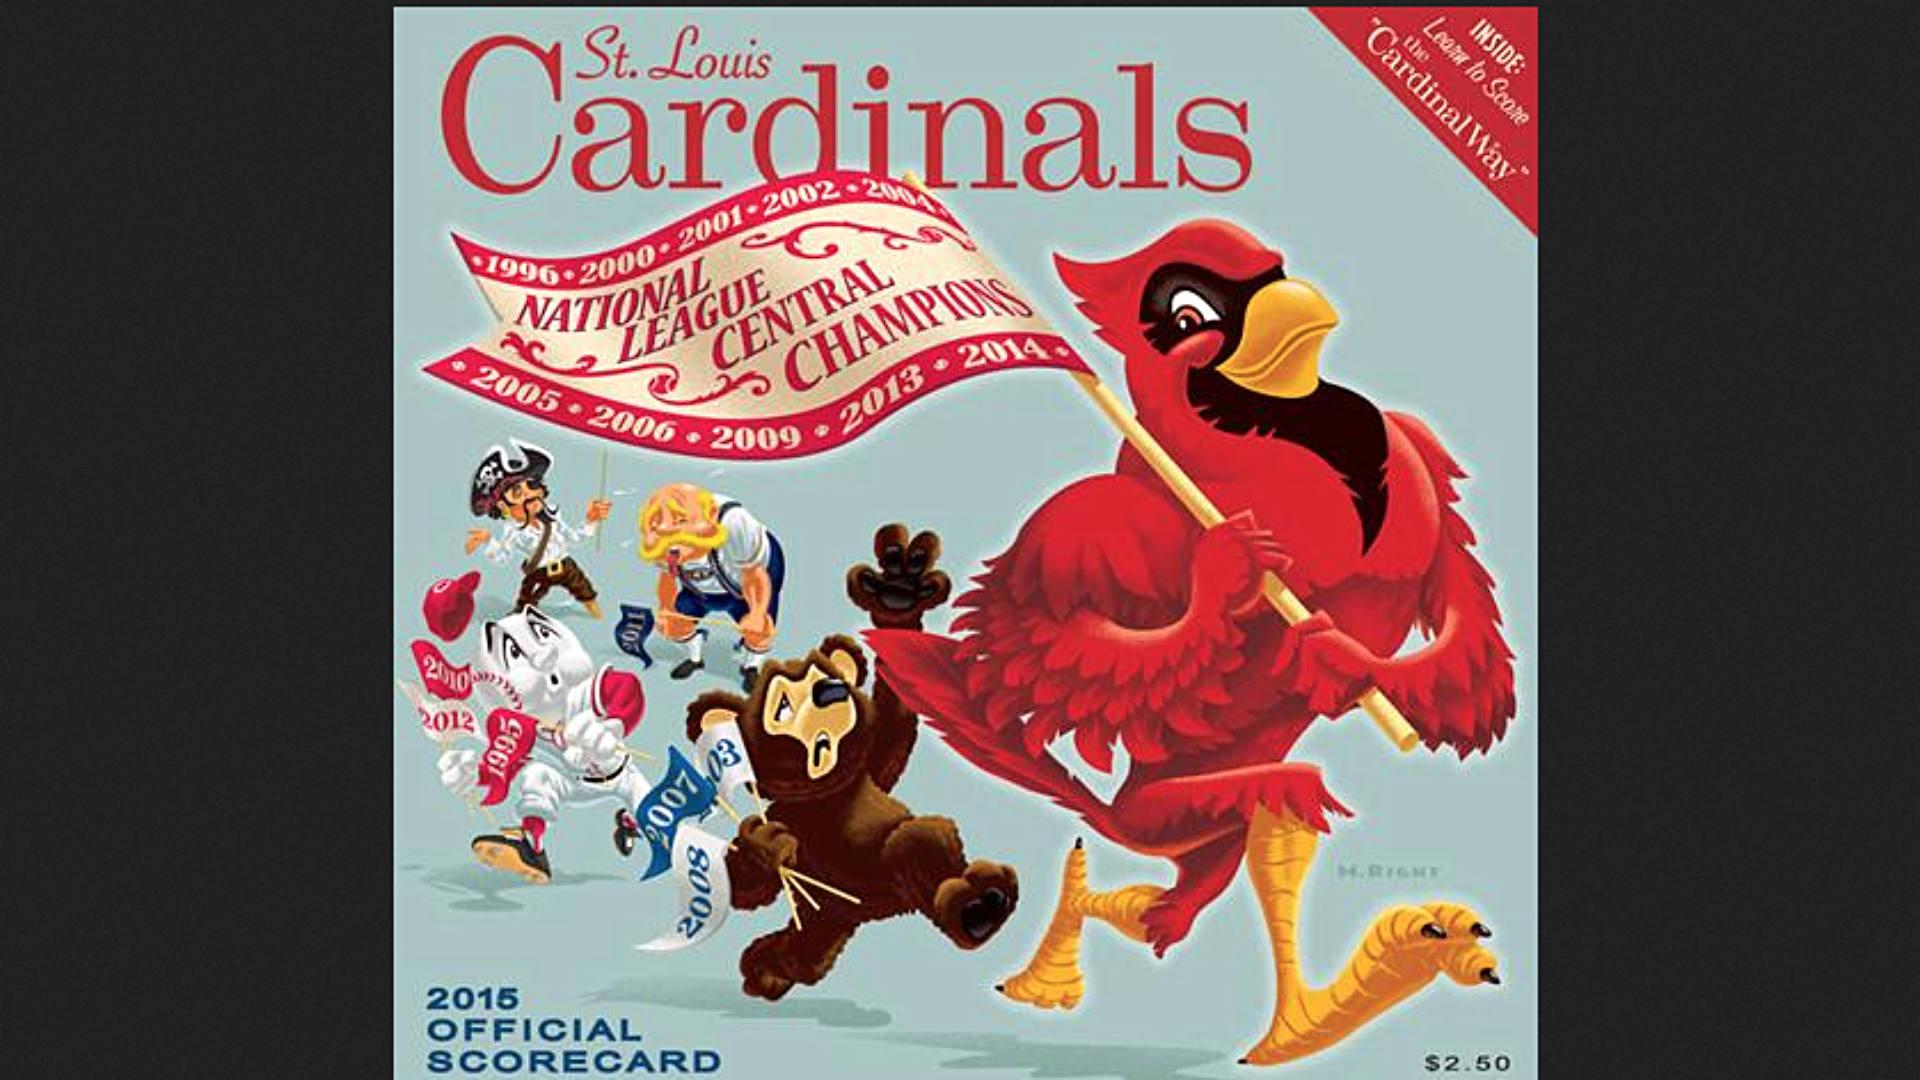 Cardinals-Scorecard-FTR-Getty.jpg